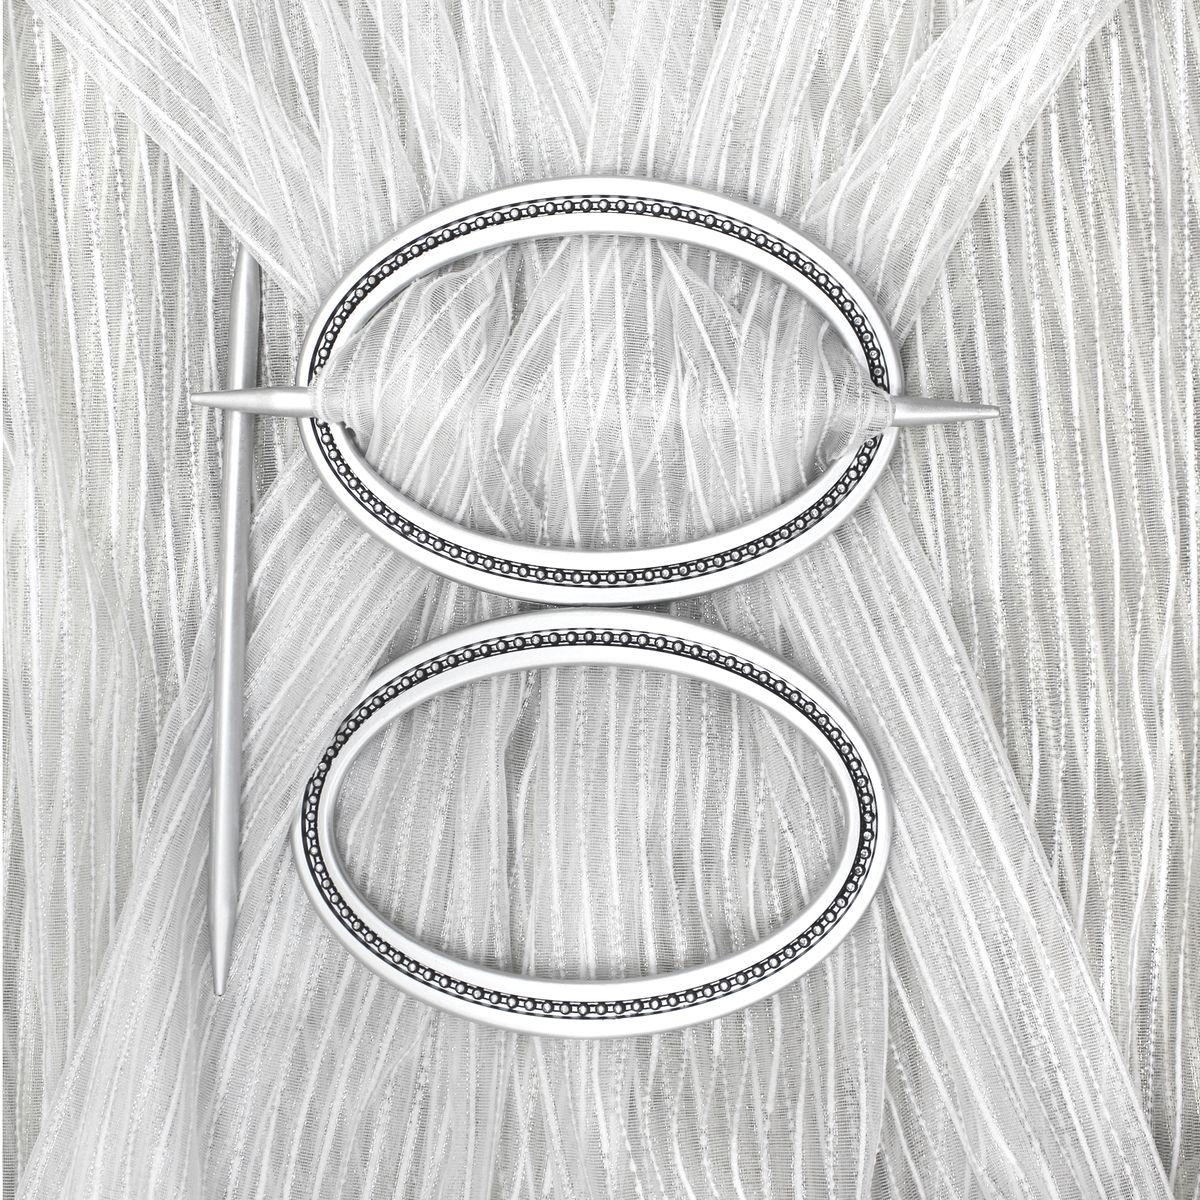 Заколка для штор TexRepublic Oval, цвет: серебристый, 2 шт. 7903682009Заколка TexRepublic Oval, выполненная из высококачественного пластика, предназначена для фиксации штор или для формирования декоративных складок на ткани. С ее помощью можно зафиксировать шторы или скрепить их, придать им требуемое положение, сделать симметричные складки. Заколка для штор является универсальным изделием, которое превосходно подойдет для любых видов штор. Изделие придаст шторам восхитительный, стильный внешний вид и добавит уют в интерьер помещения. В комплекте 2 заколки.